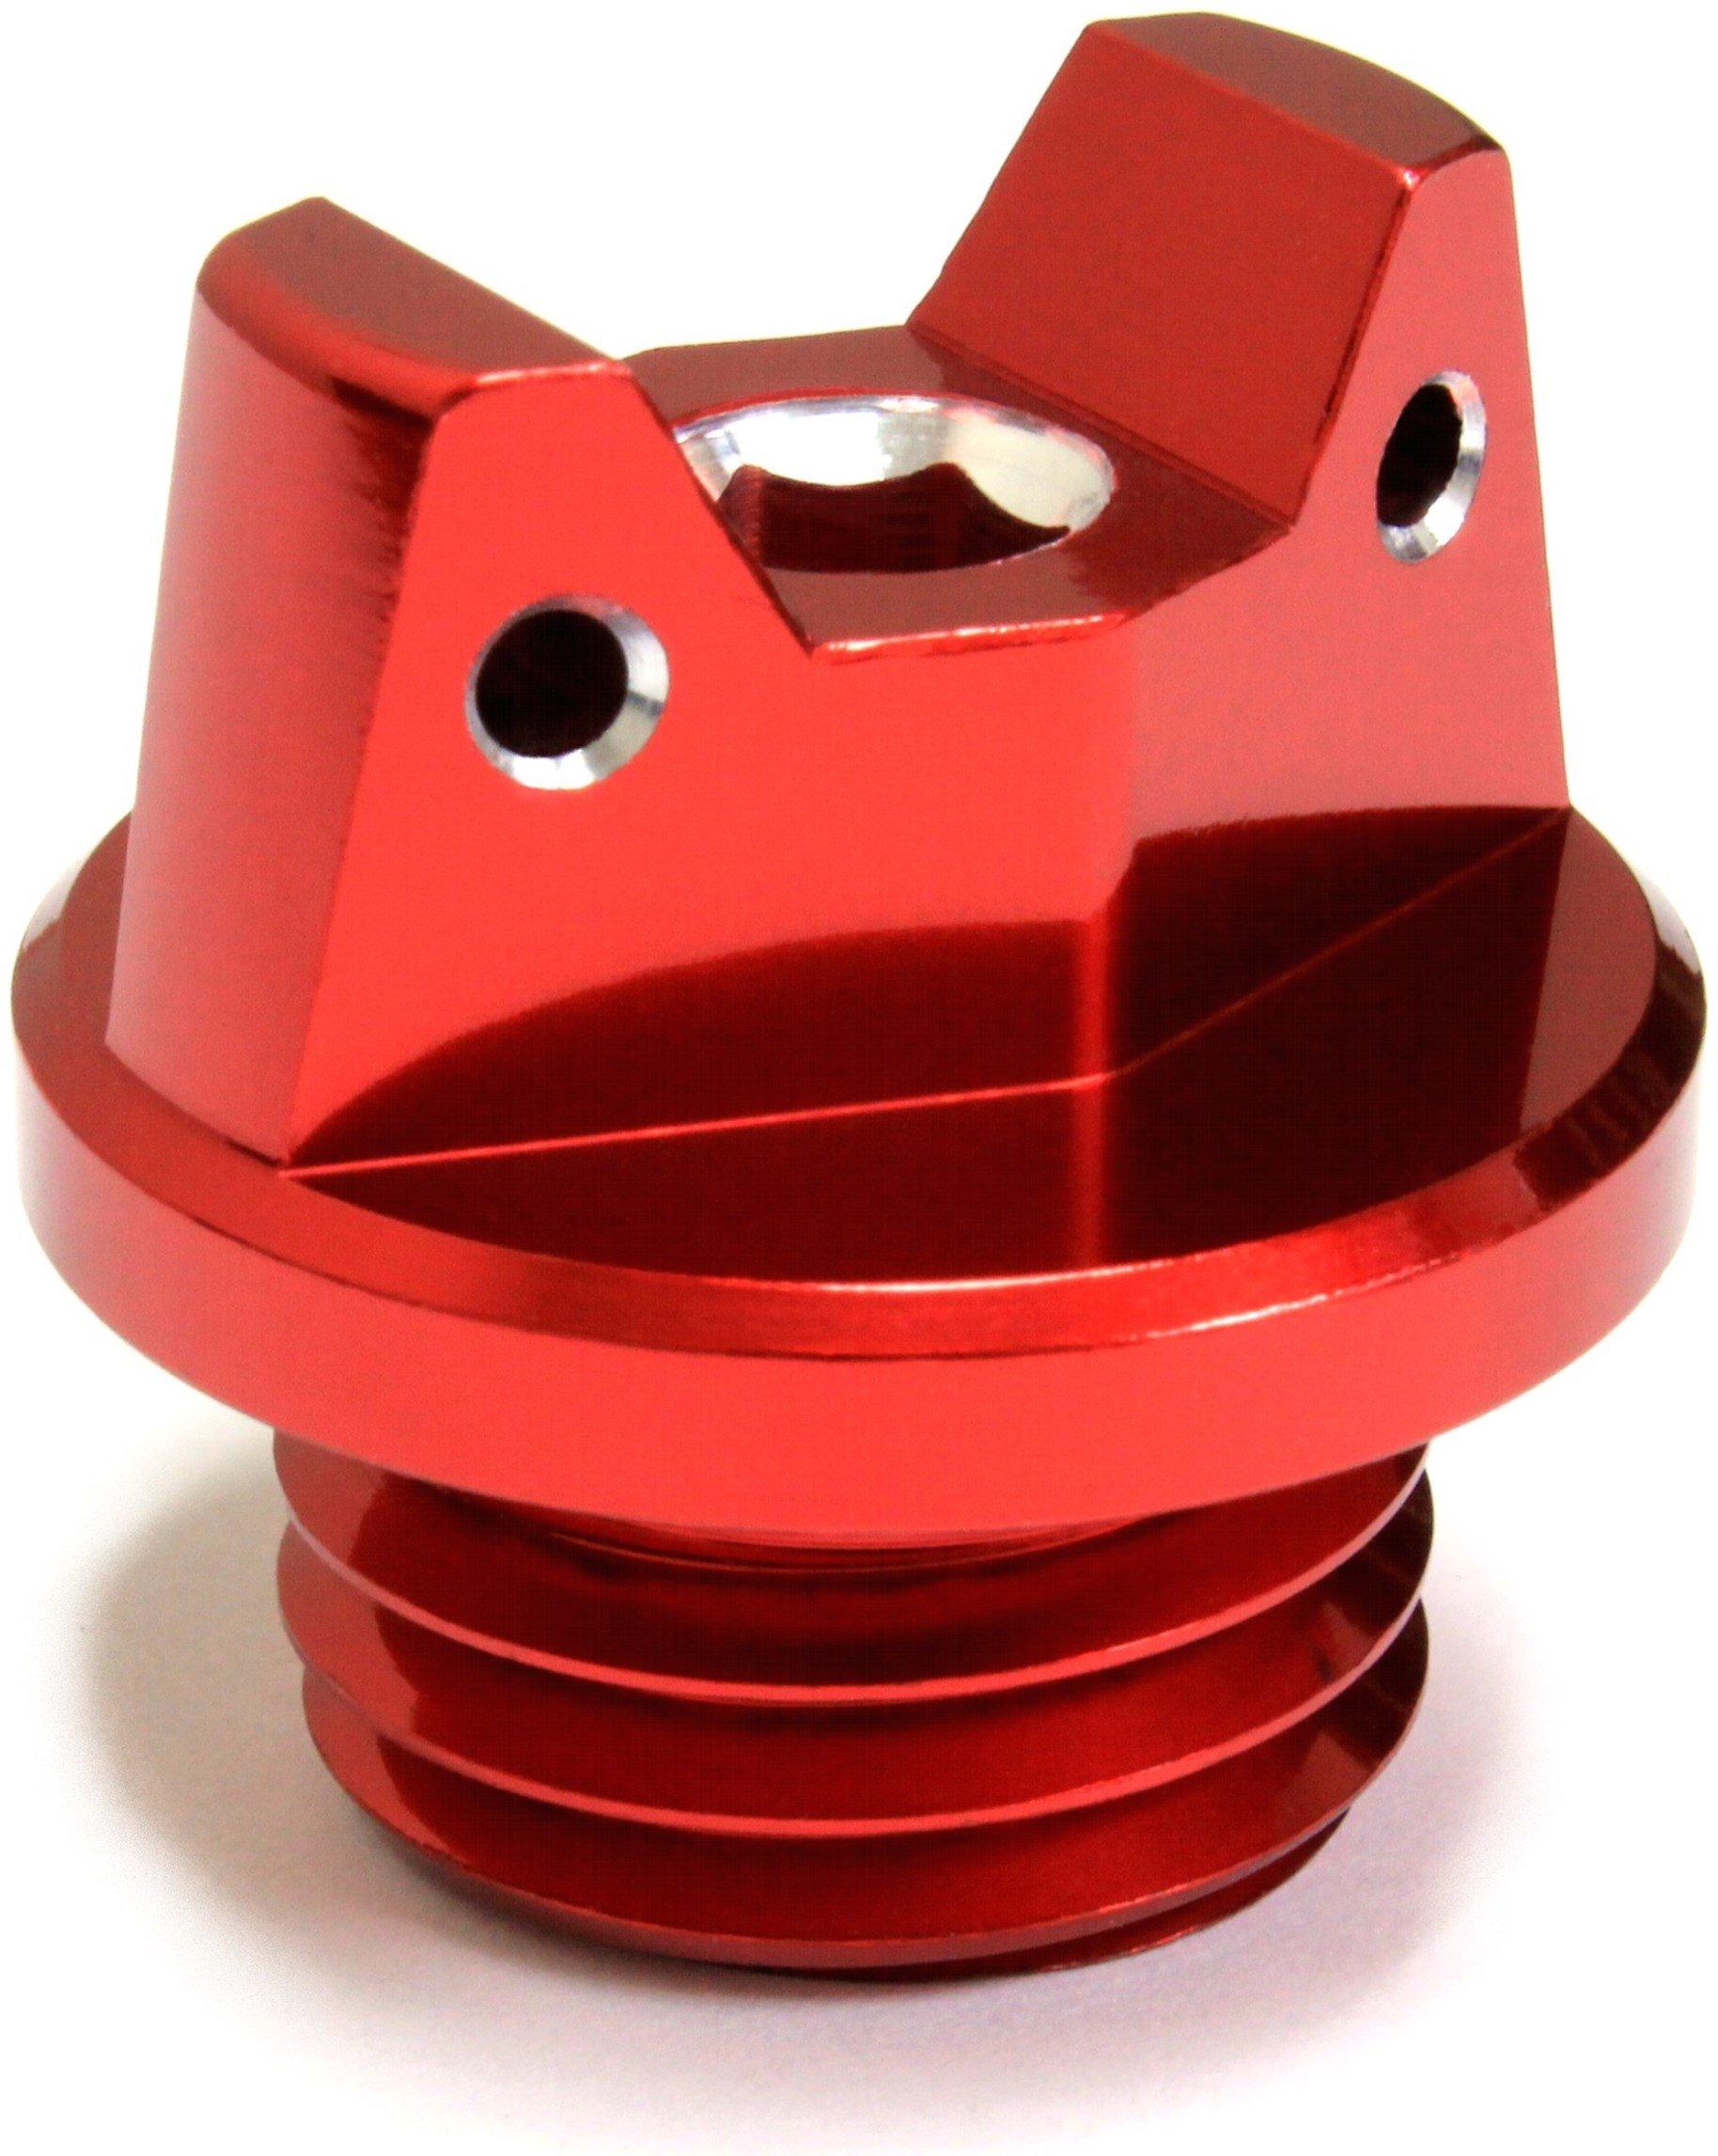 MotoSculpt Oil Fill Cap Plug (RED) for Honda CR125R CR250R CRF150R CRF250R CRF450R CRF450X TRX450R